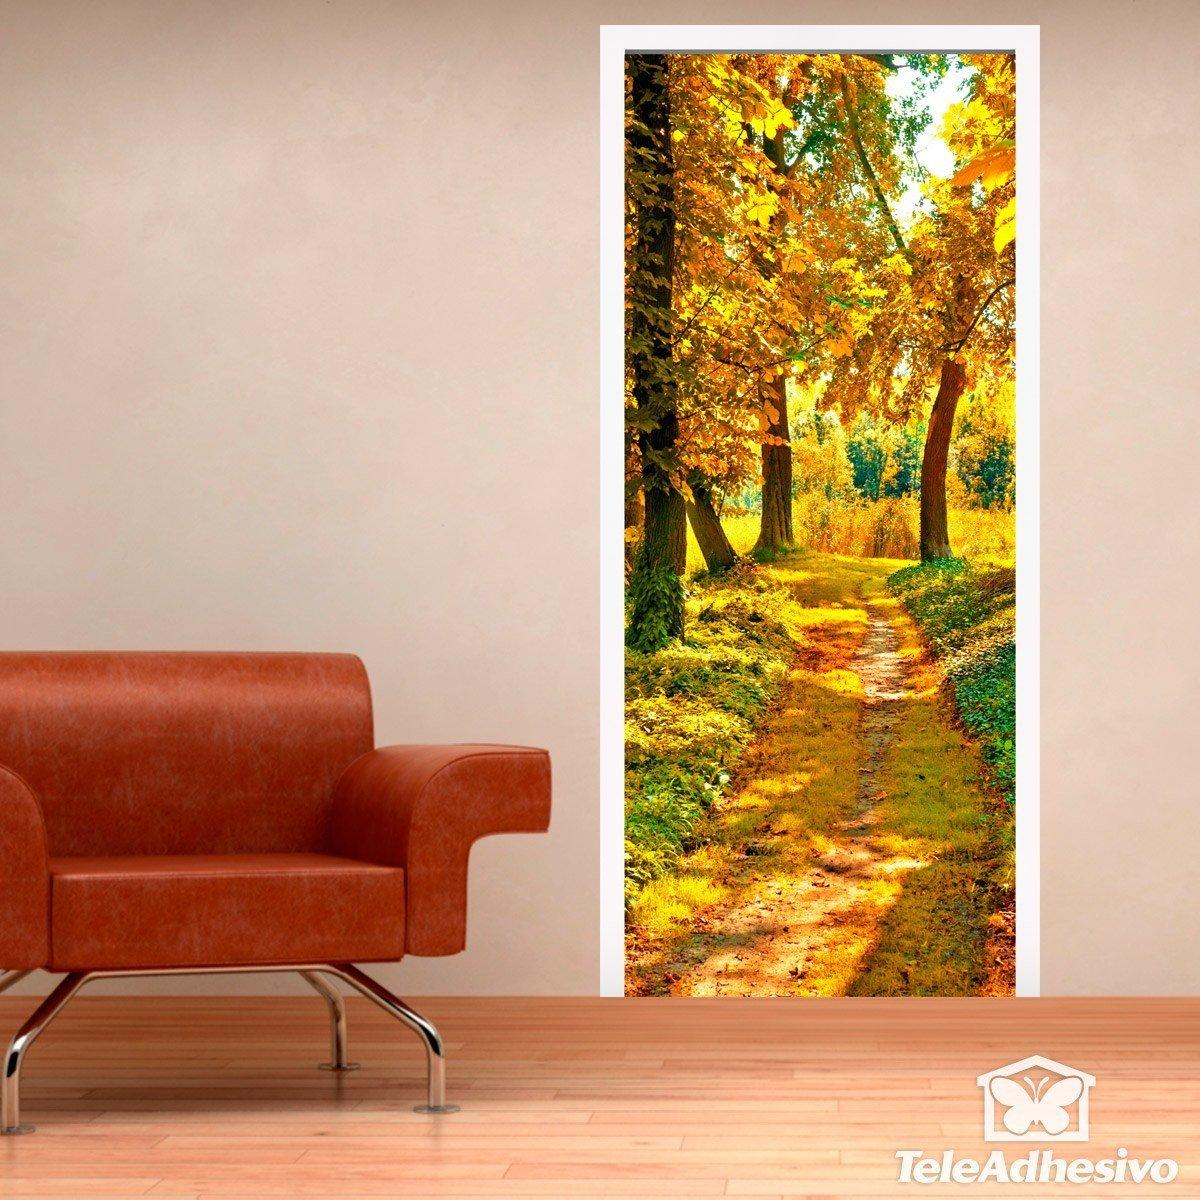 Vinilos de puertas para tu hogar en teleadhesivo for Vinilos decorativos puertas